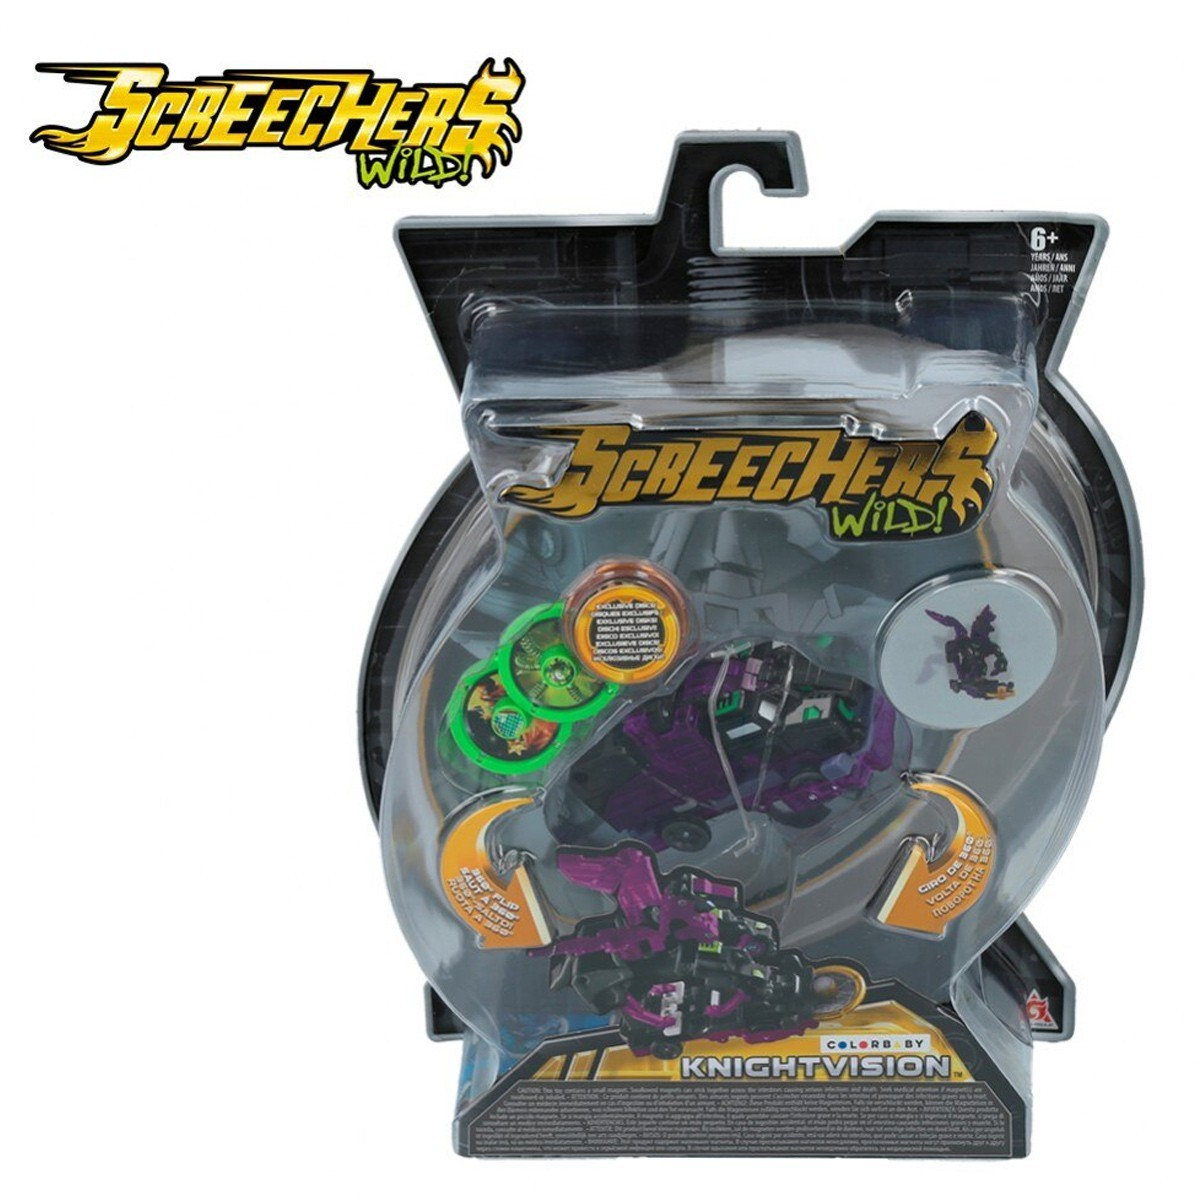 Brinquedo Screechers Knightvision com 3 Discos 4719